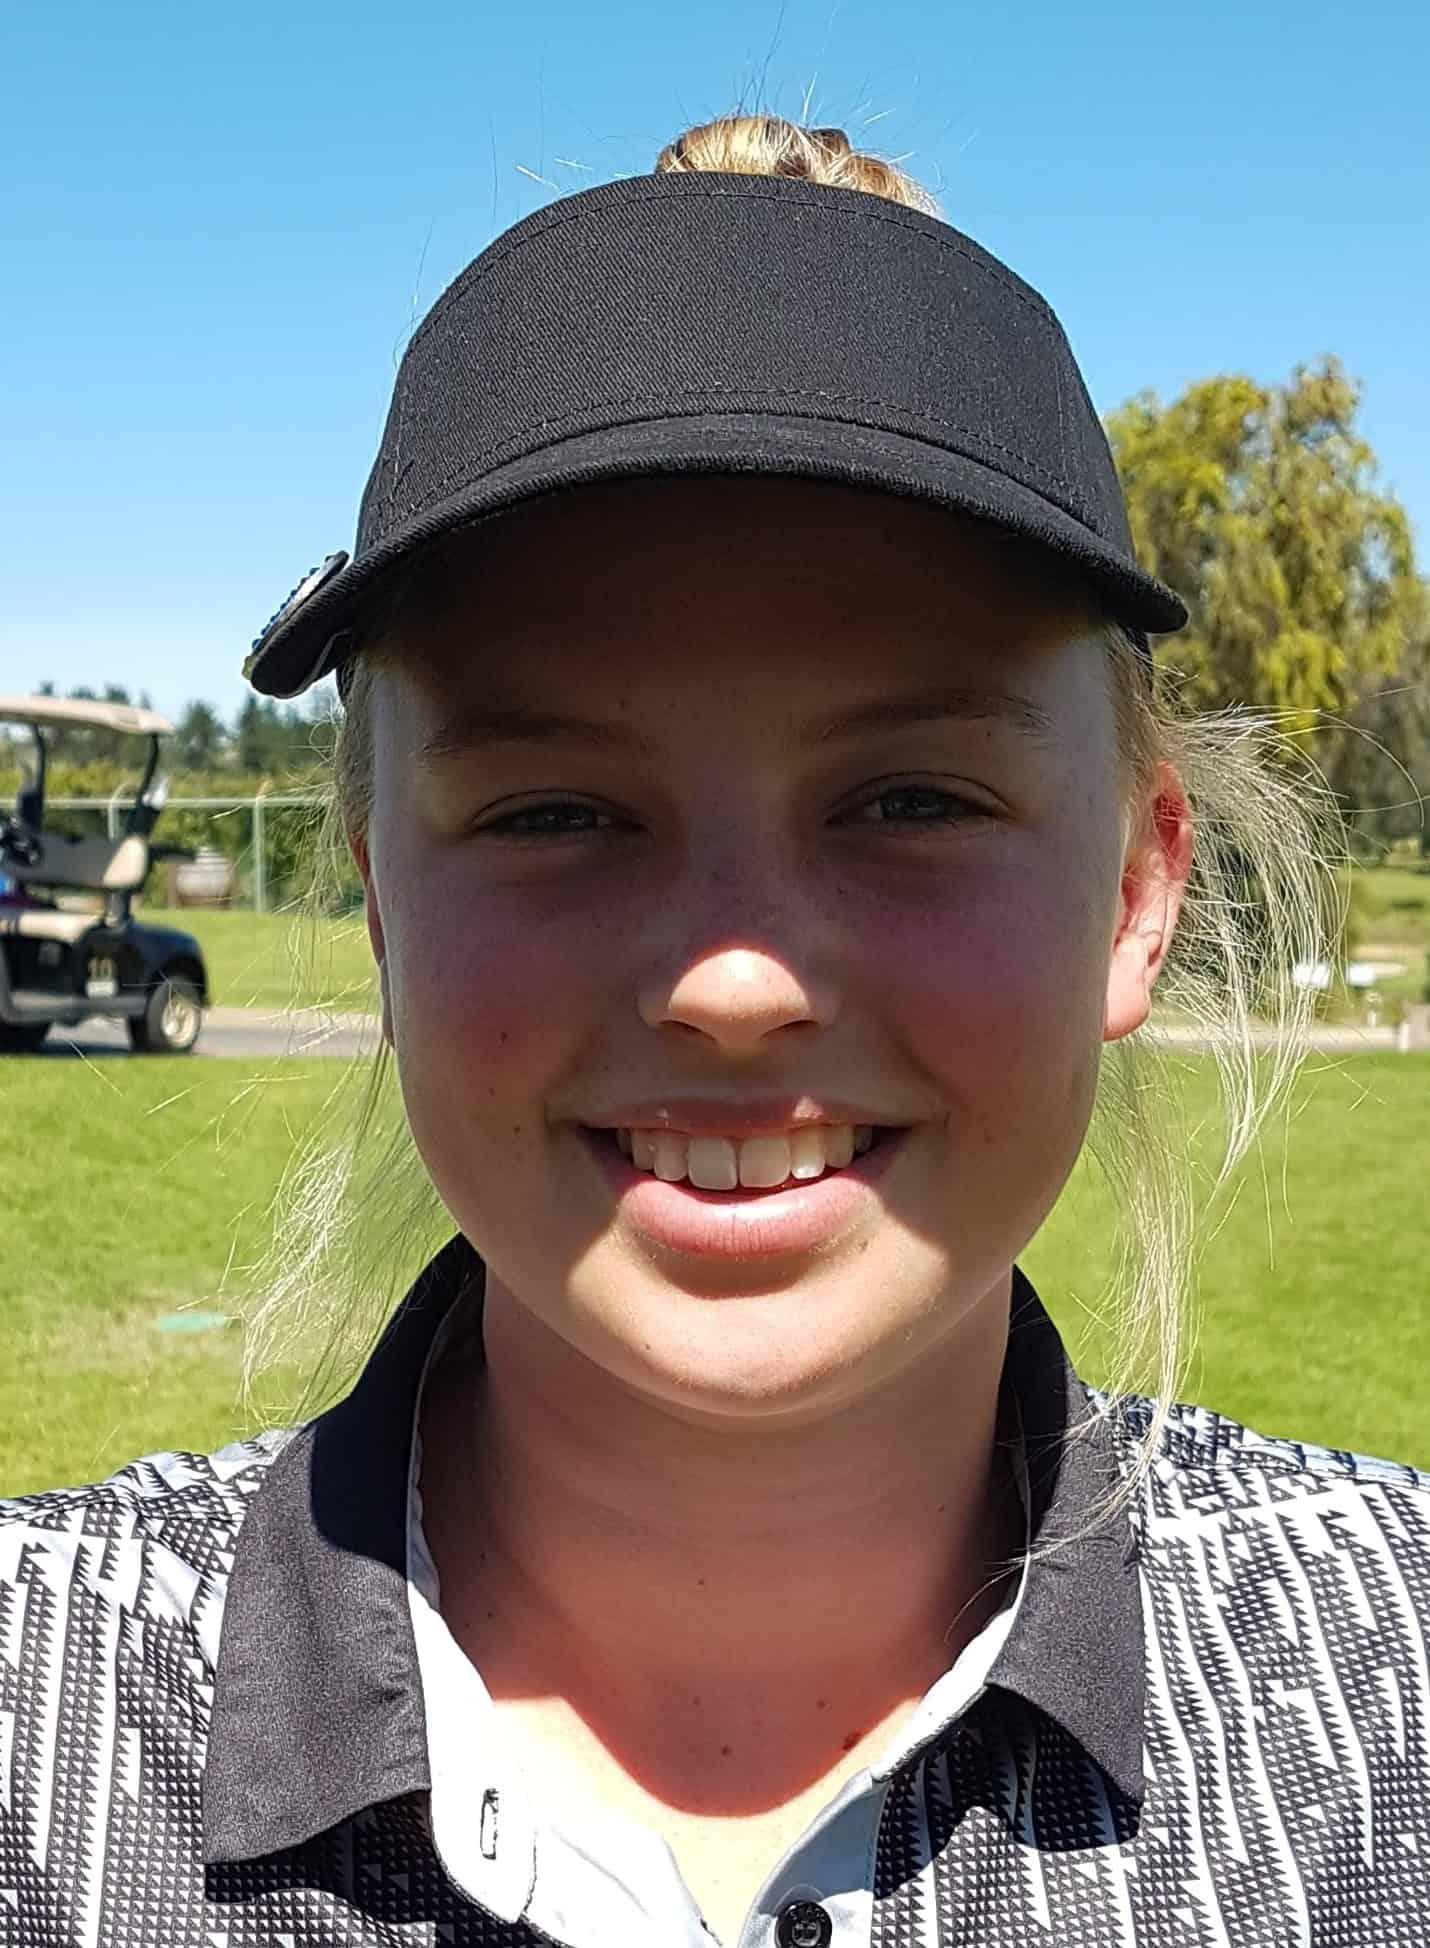 Megan Streicher